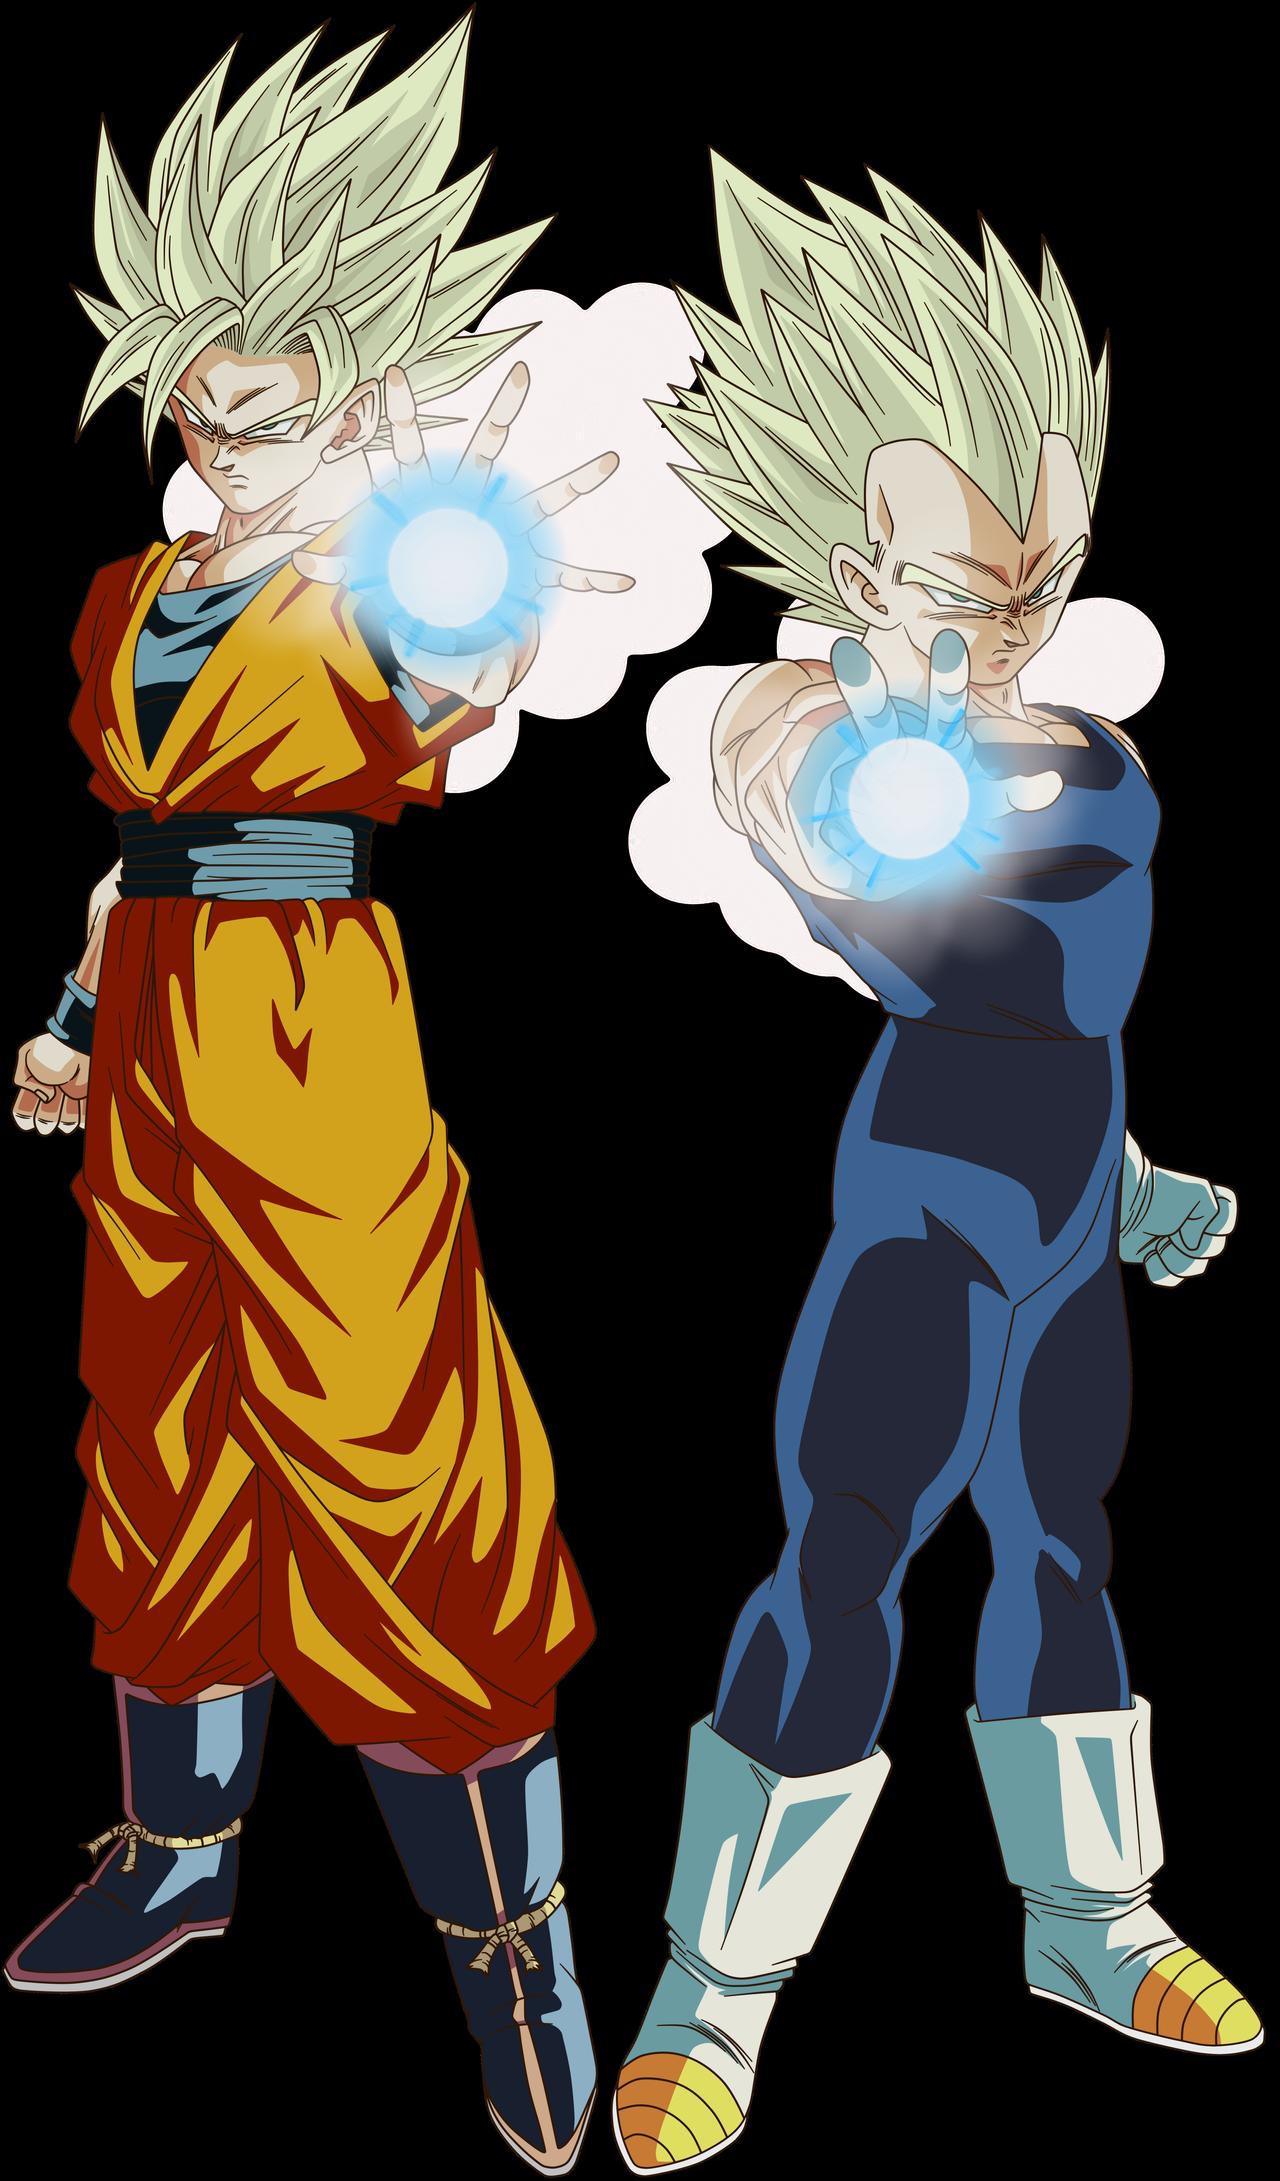 Goku Super Saiyan 2 And Vegeta Super Saiyan 2 By Crismarshall On Deviantart Anime Dragon Ball Super Dragon Ball Super Manga Dragon Ball Super Goku